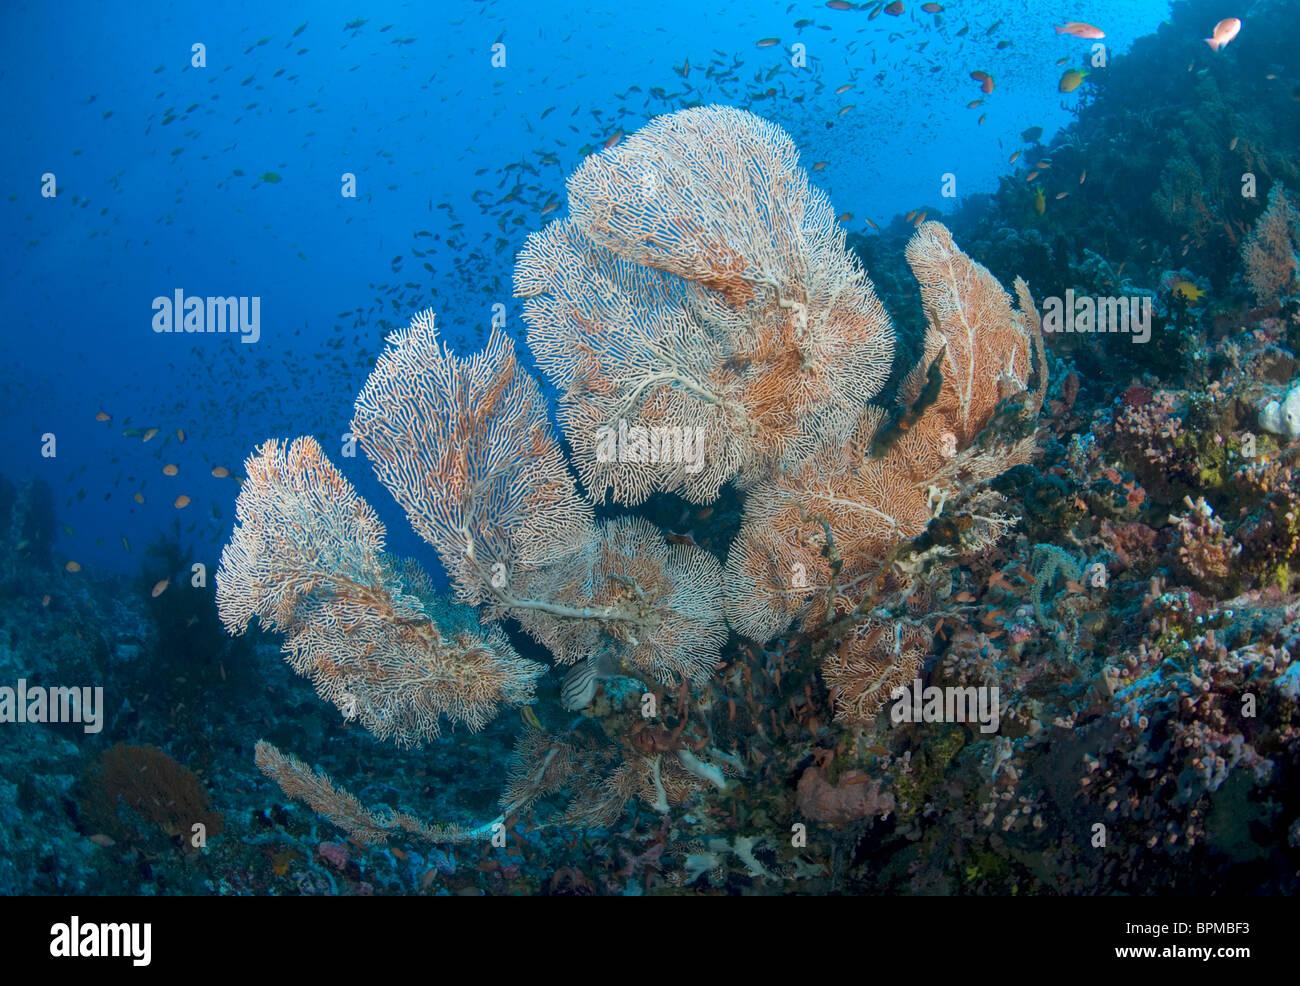 Appassionati di mare sulle barriere coralline, Puerto Galera, Filippine, Oceano Pacifico Immagini Stock